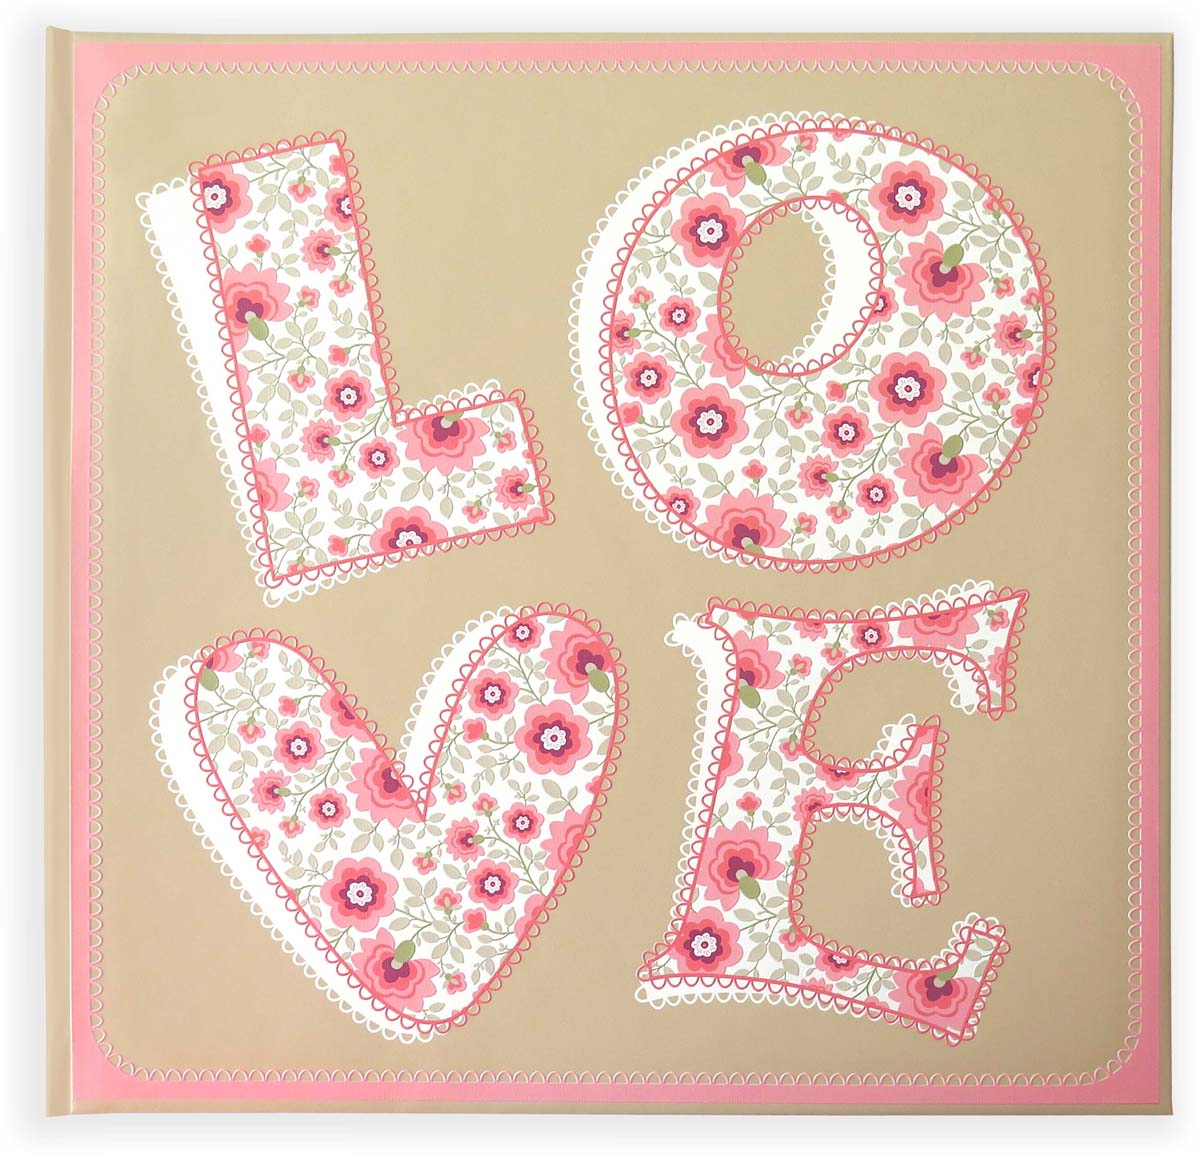 Фотоальбом Фолиант, цвет: бежевый, розовый, 30 листов. ФА-13 фотоальбом platinum классика 300 фотографий цвет бежевый розовый 10 x 15 см